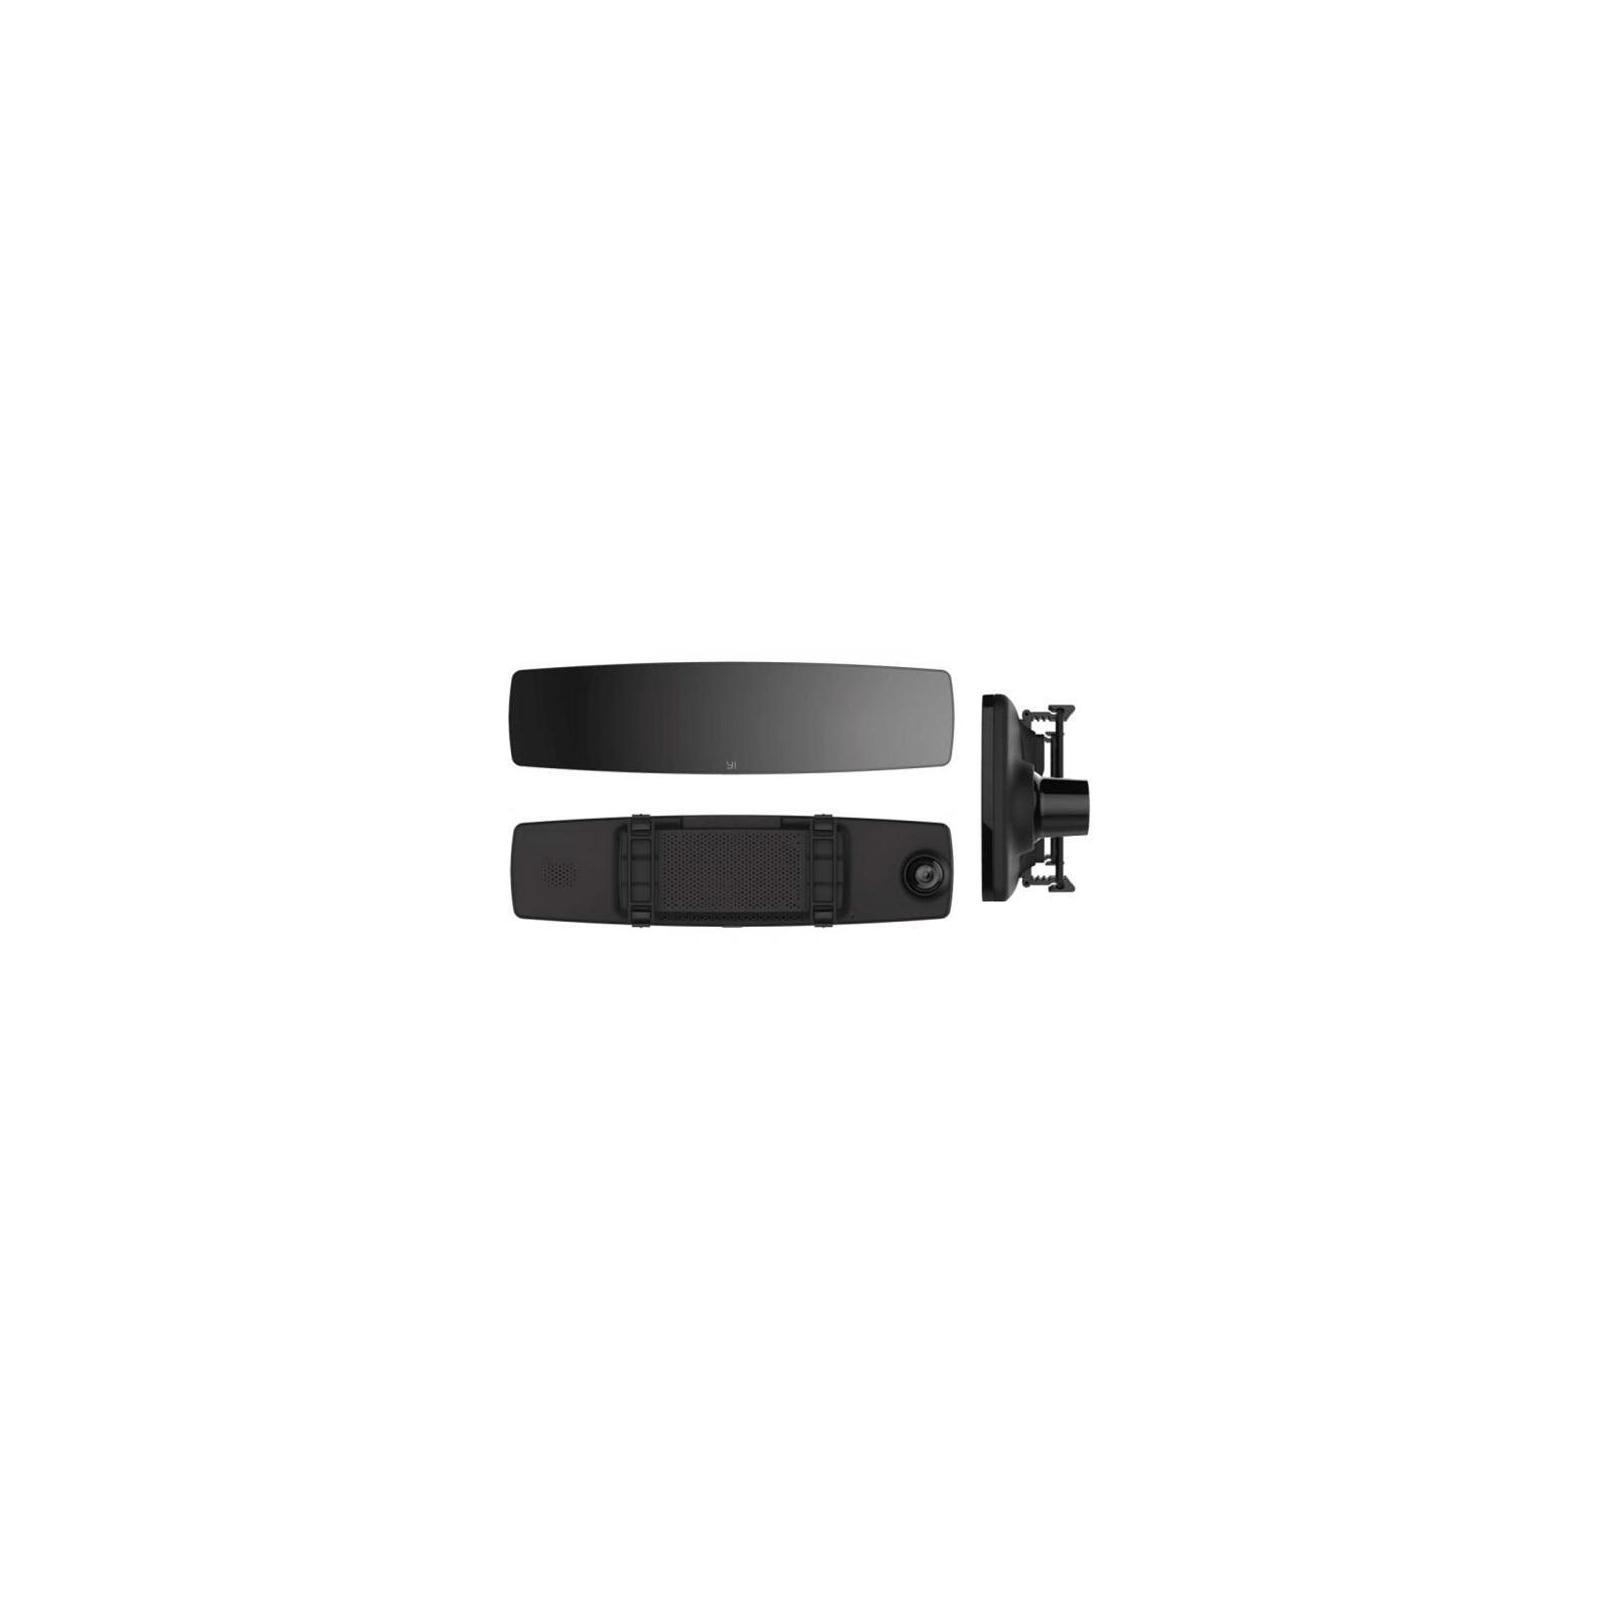 Видеорегистратор Xiaomi YI Mirror Dash Camera Black (YI-89029) изображение 2